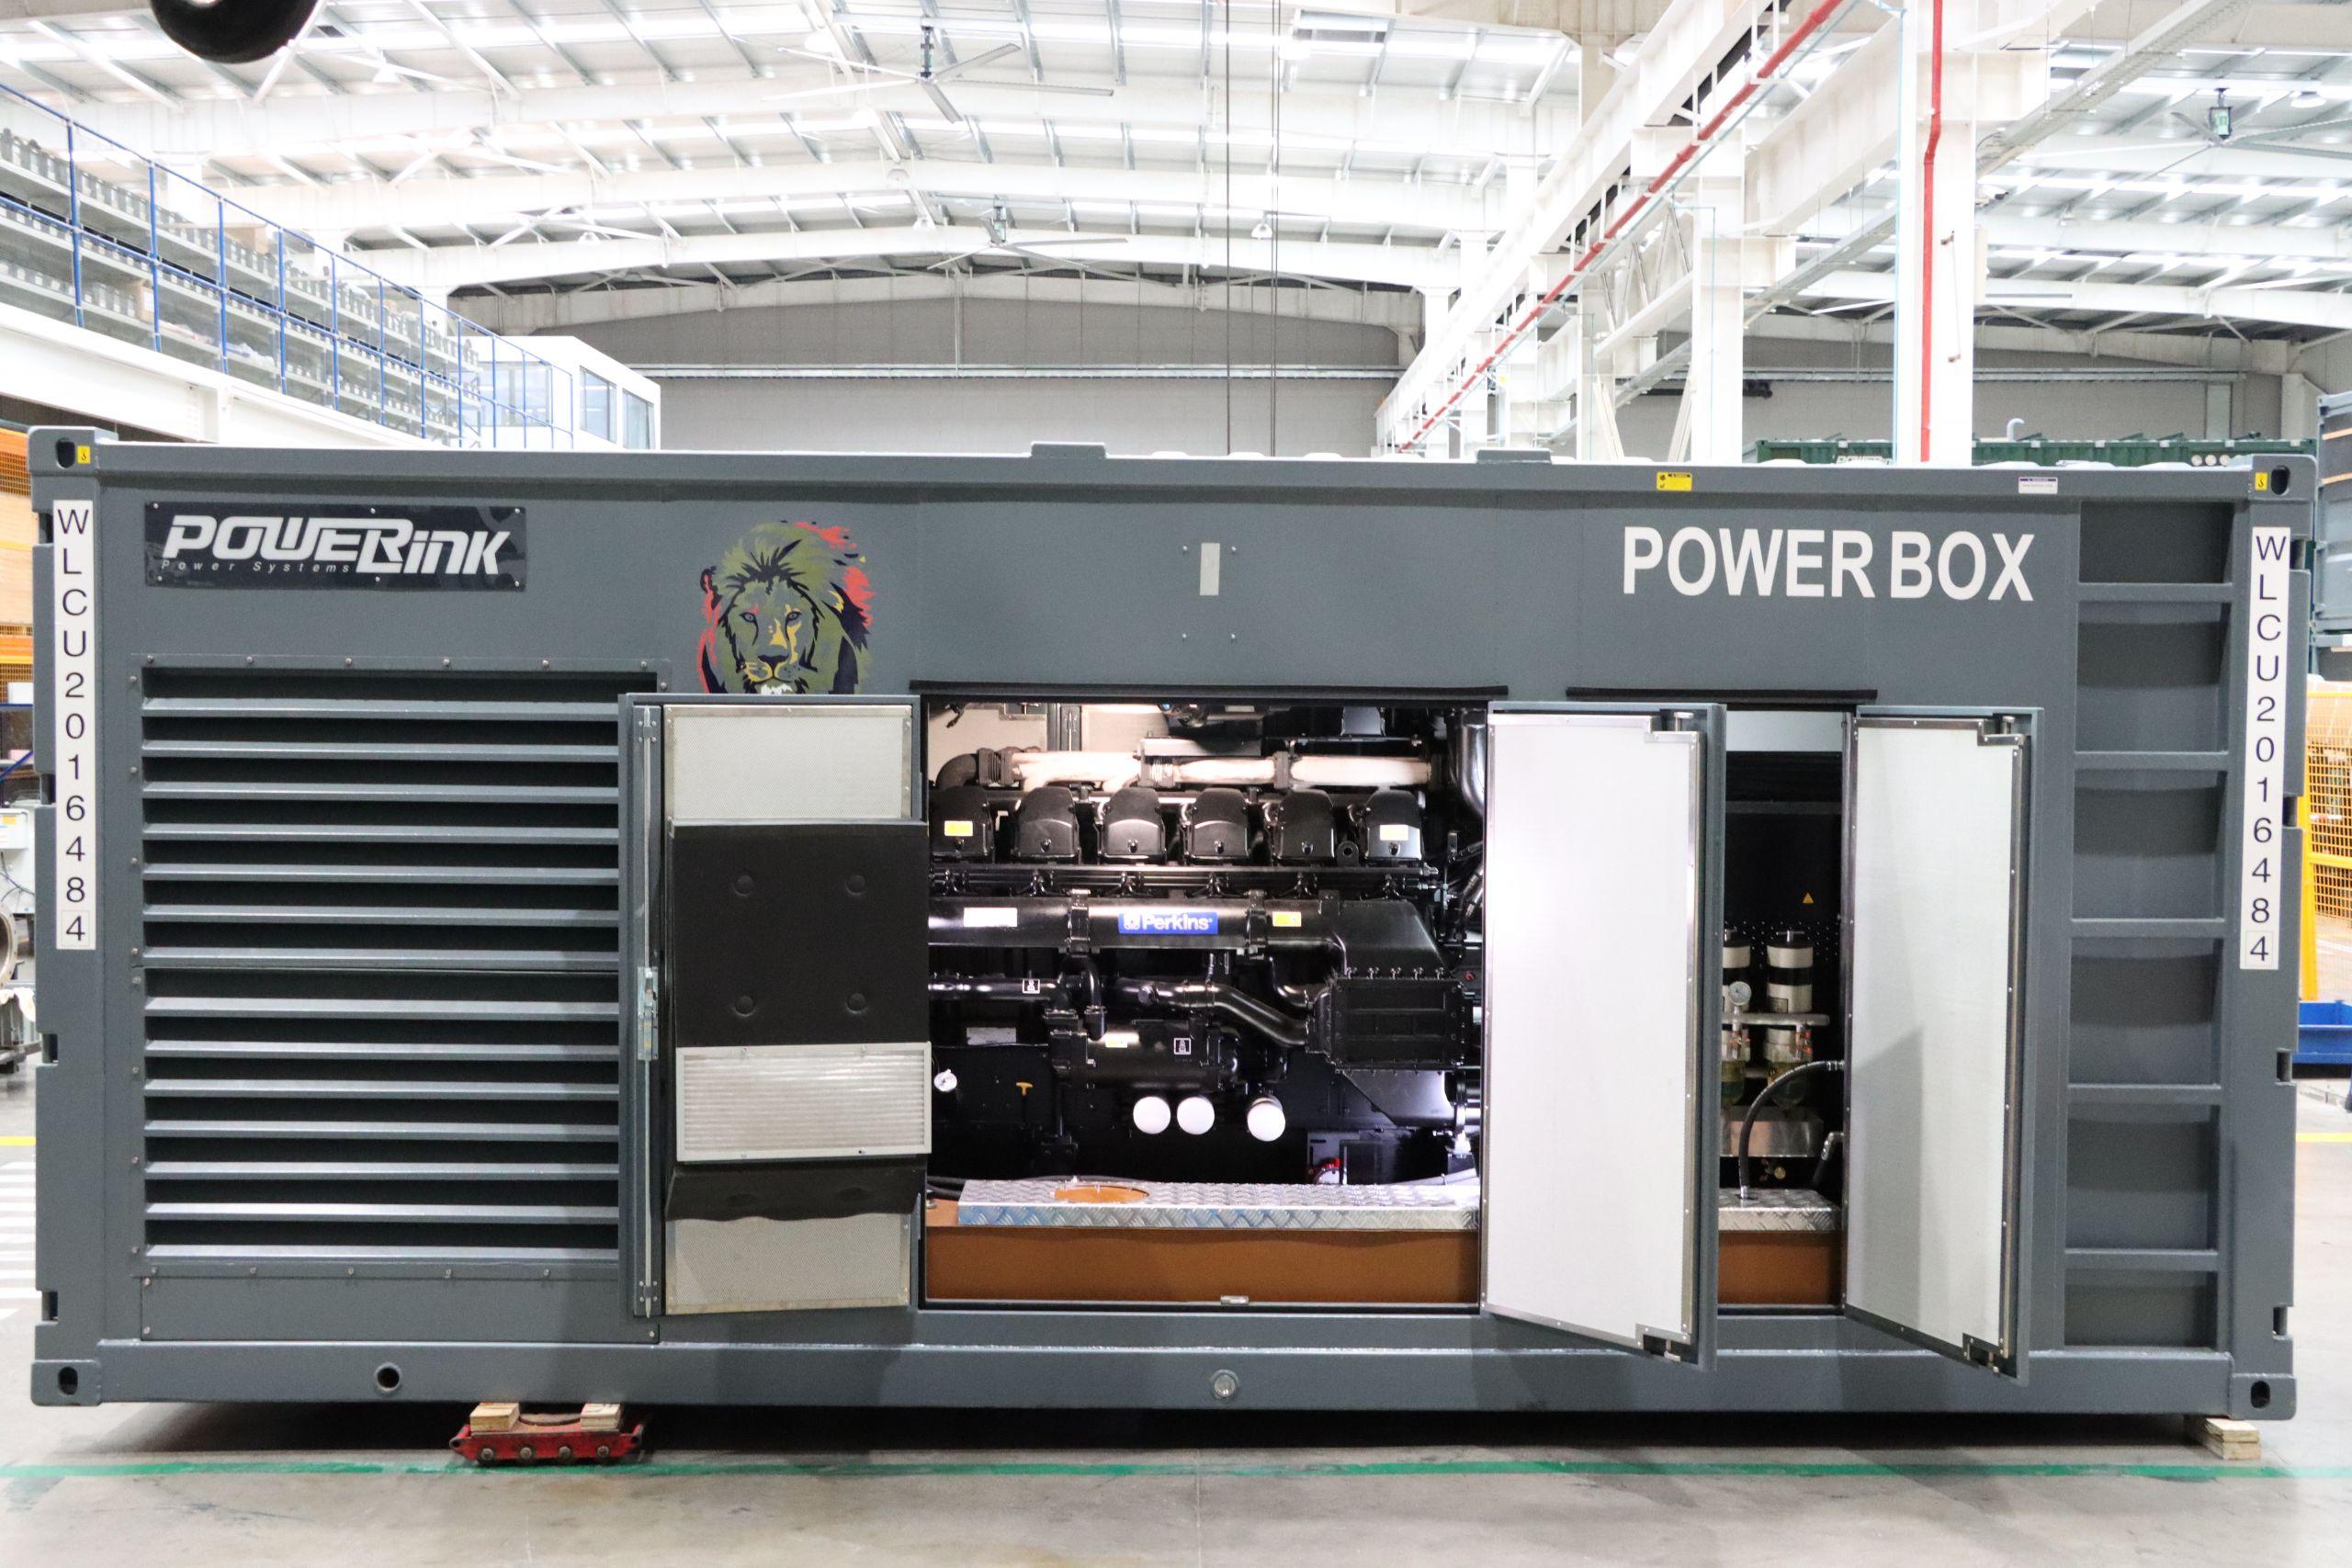 PowerLink Soundproof Diesel Generators Container